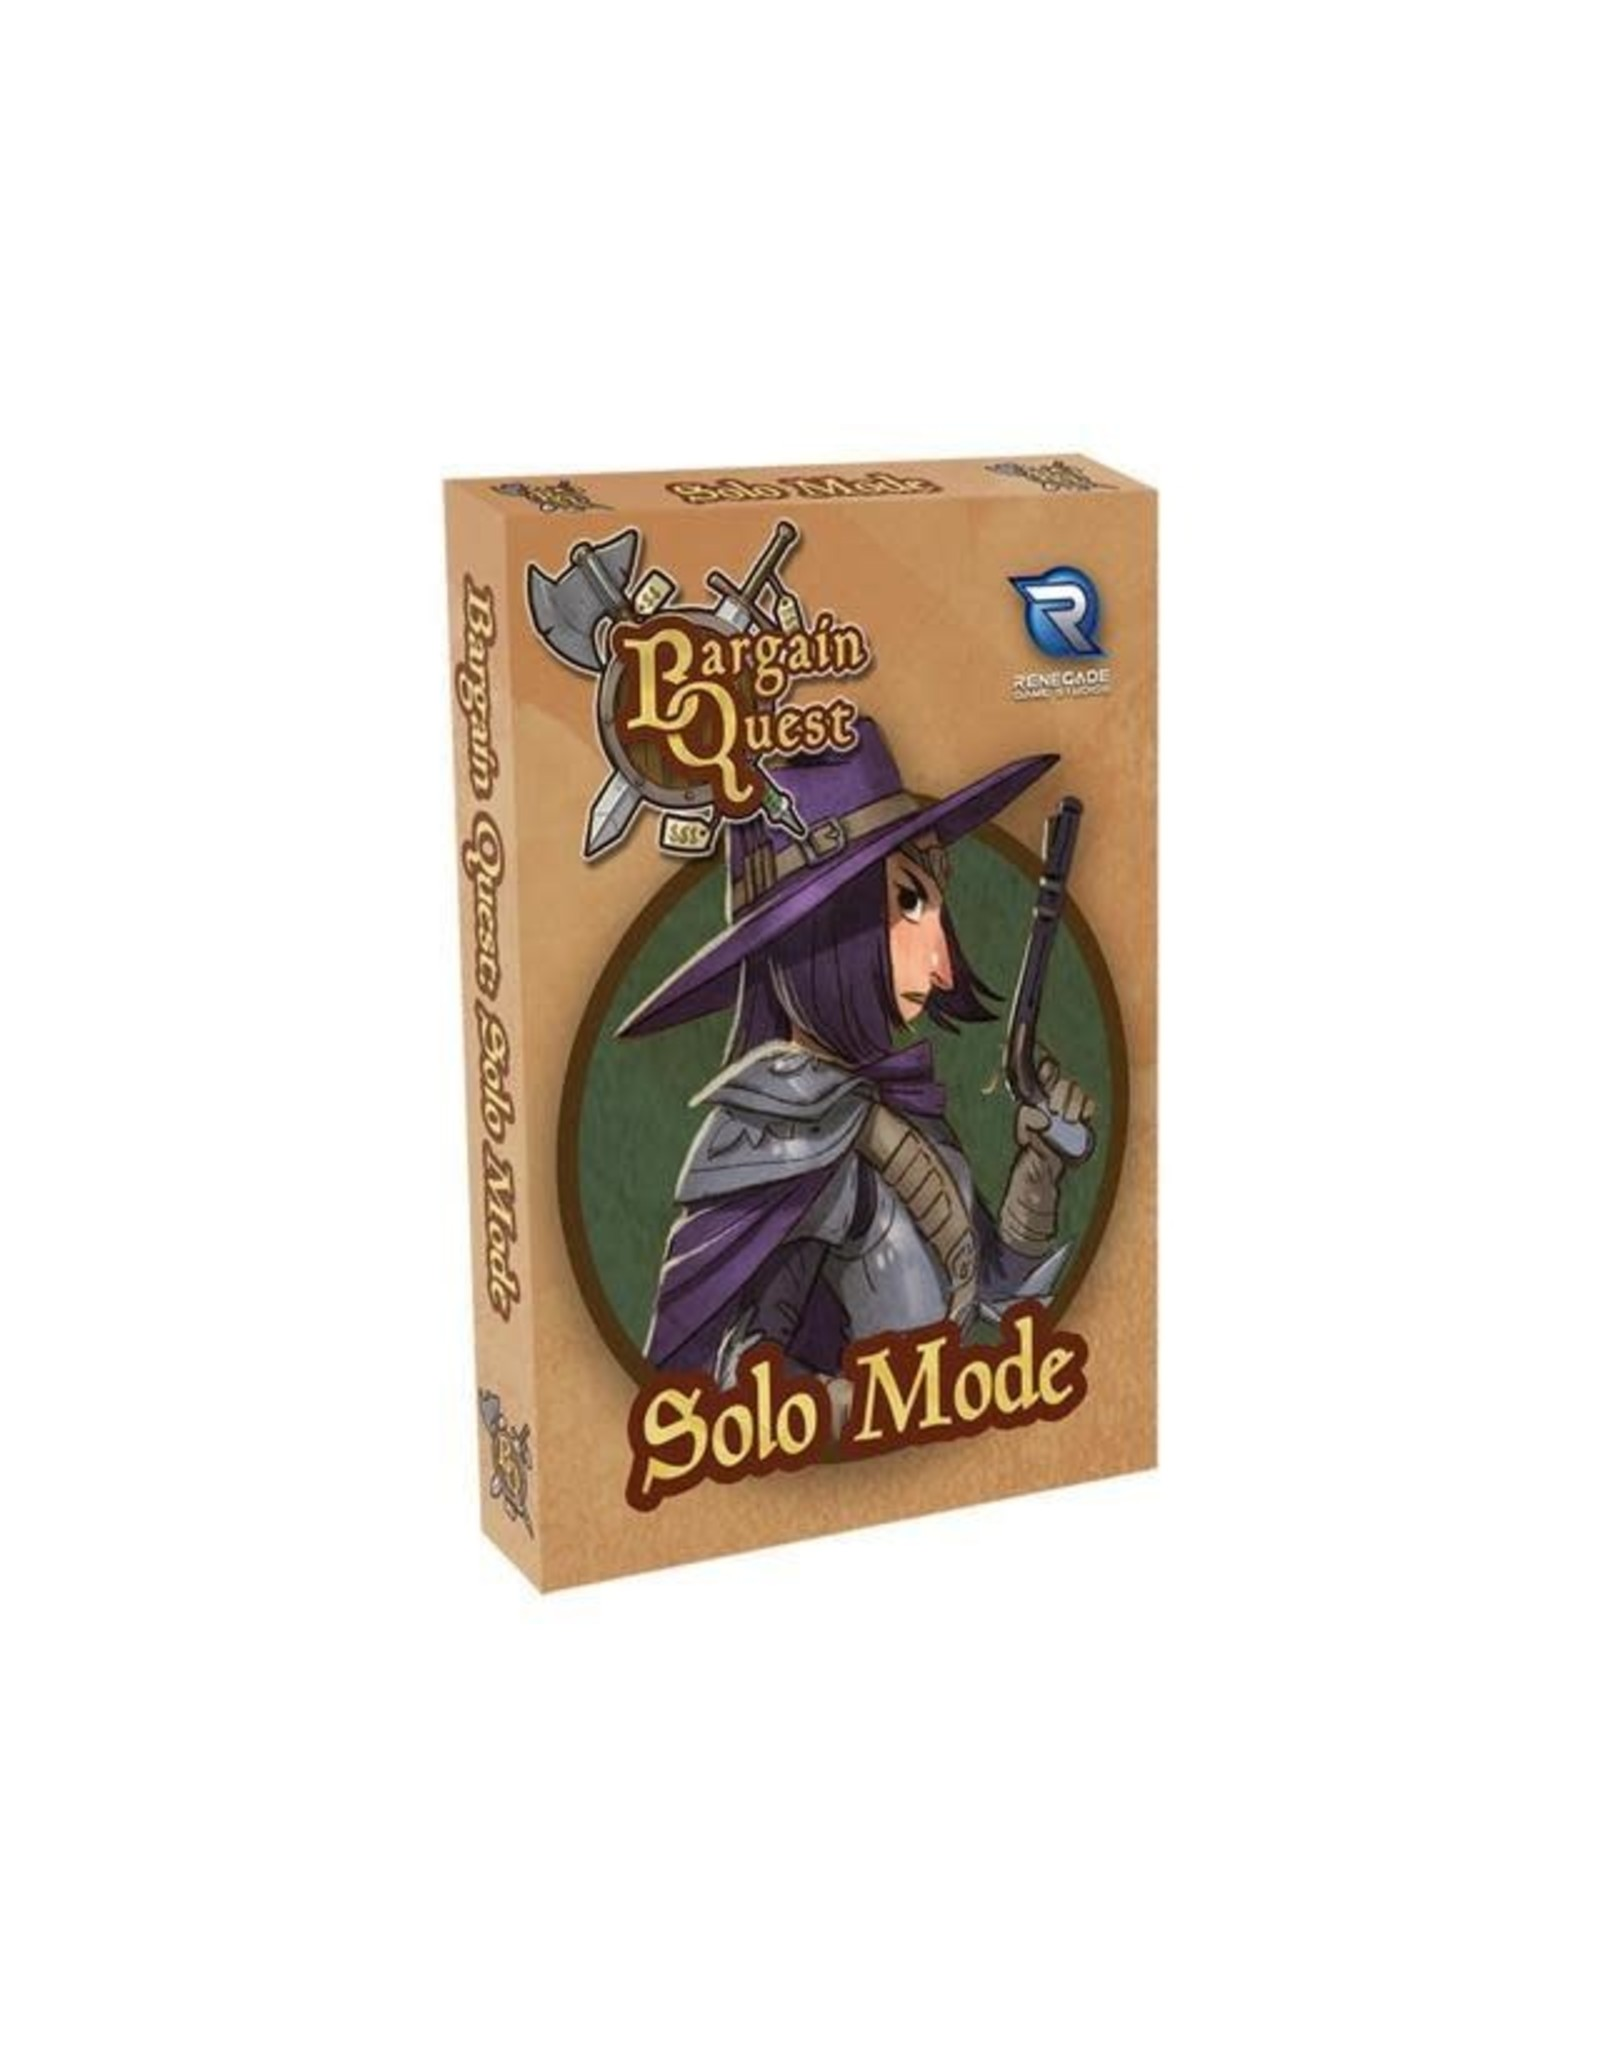 RENEGADE Bargain Quest: Solo Mode Expansion